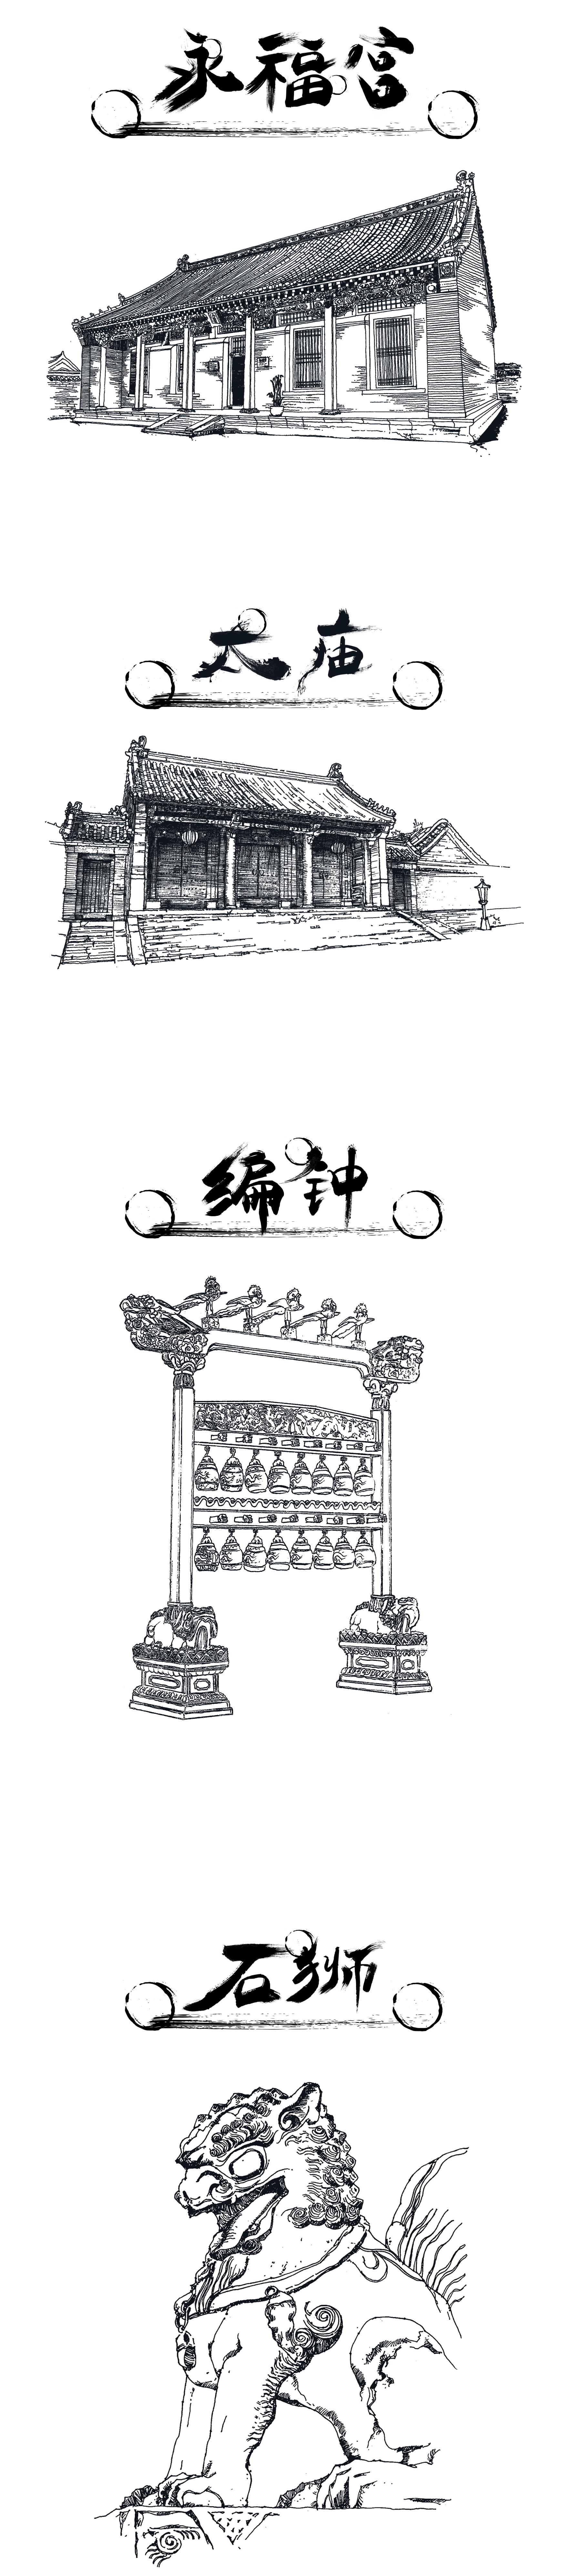 國之重器——沈陽故宮手繪明信片設計